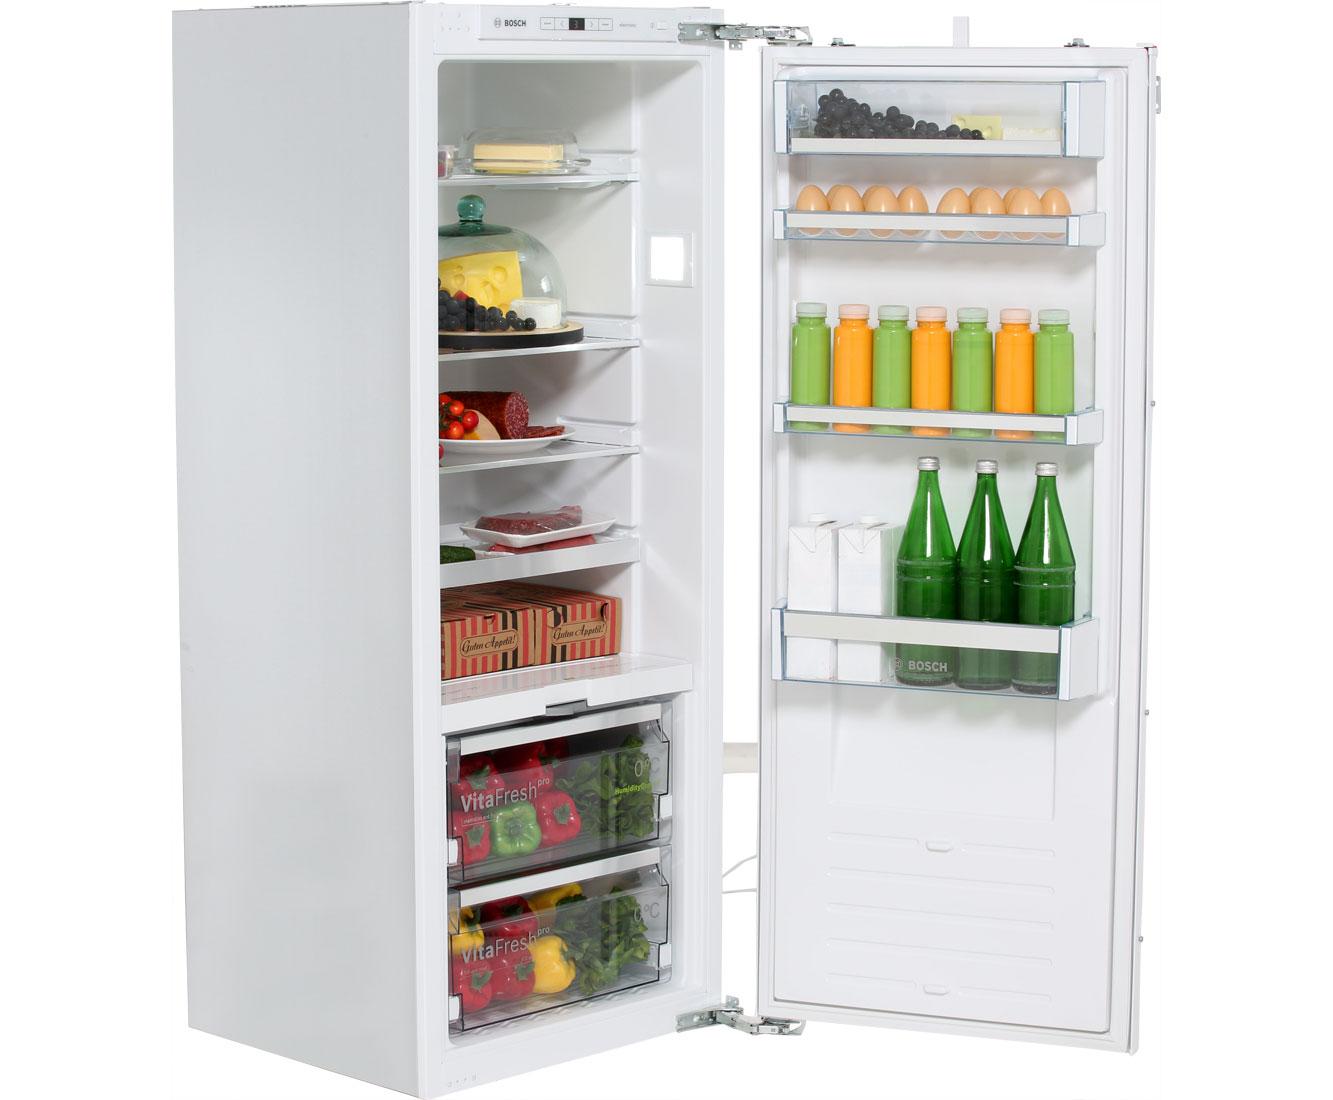 Bosch Kühlschrank Qualität : Bosch serie 8 kif51af30 einbau kühlschrank 140er nische festtür